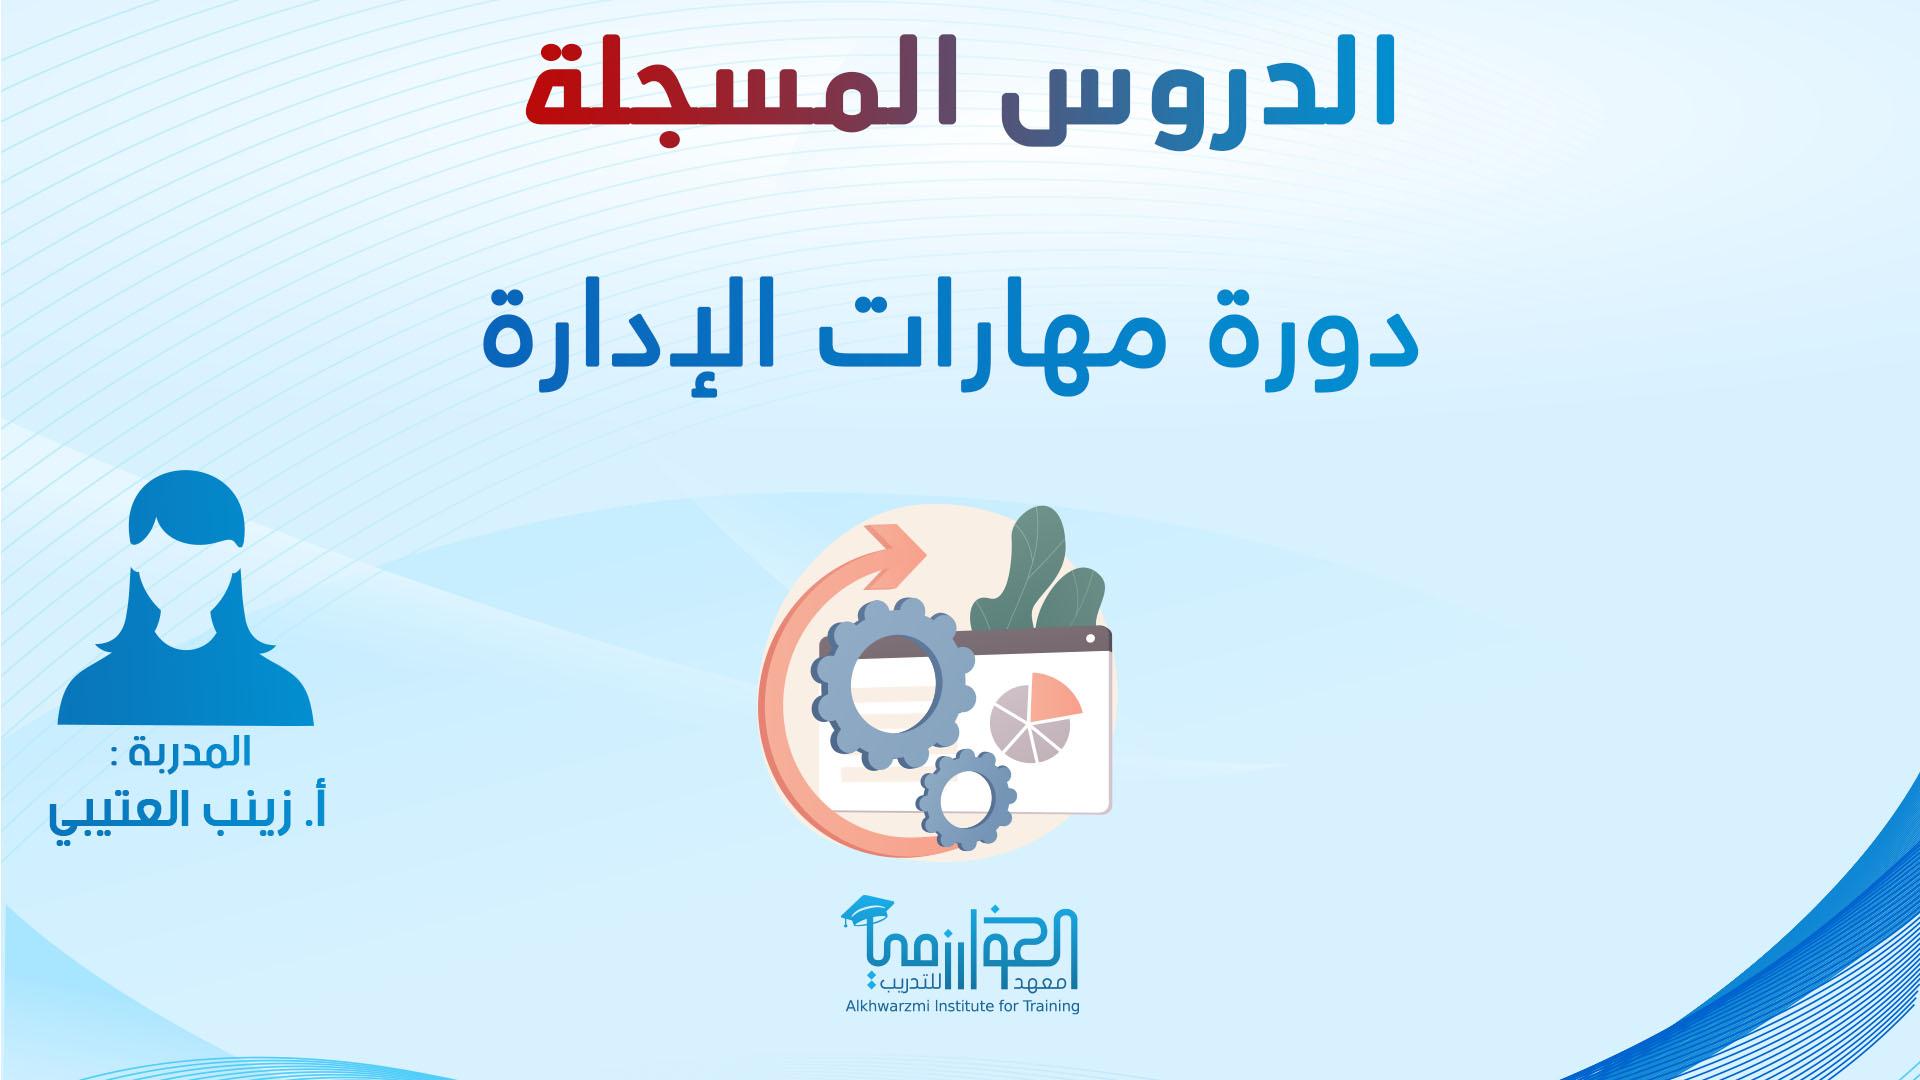 دورة مهارات الإدارة [الدروس المسجلة]